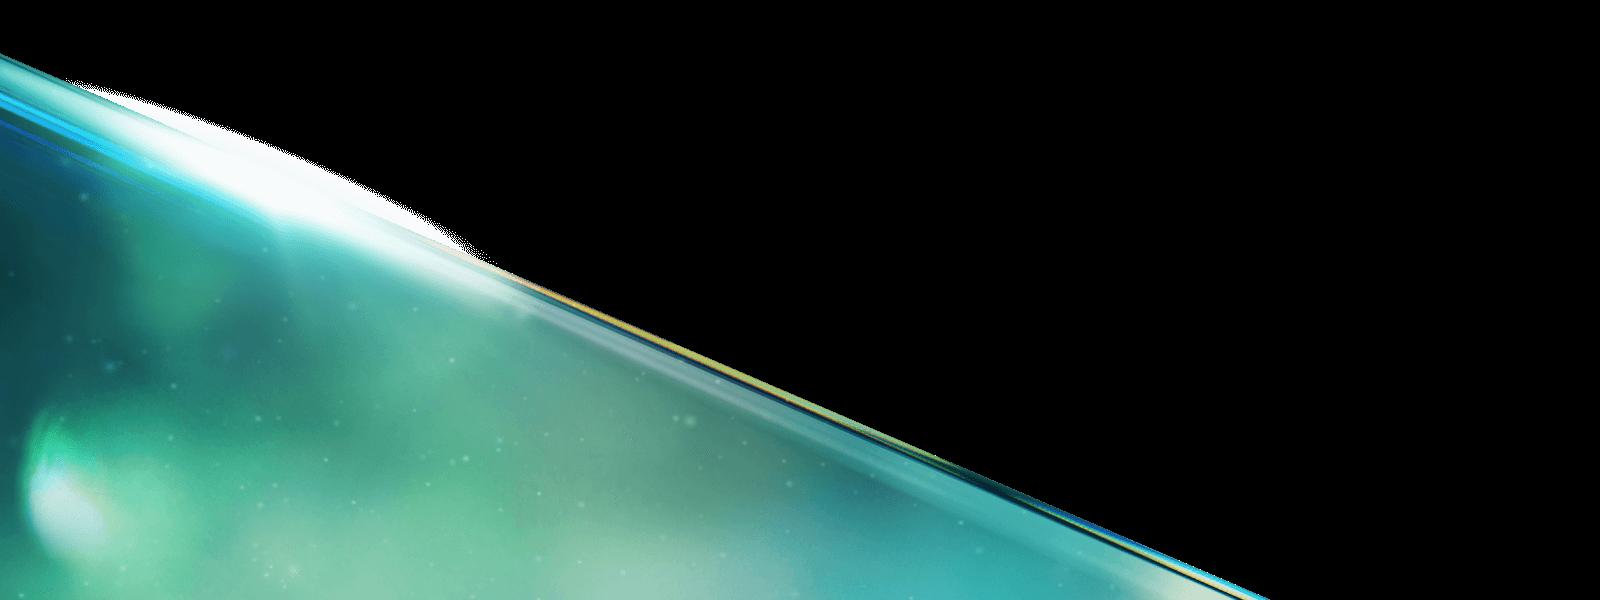 لایه چهارم اسلاید شبکه چهار سیما، هویت بصری شبکه چهار سیما، طراحی لوگو، طراحی لوگوتایپ، شرکت تبلیغاتی الف، طراحی هویت بصری